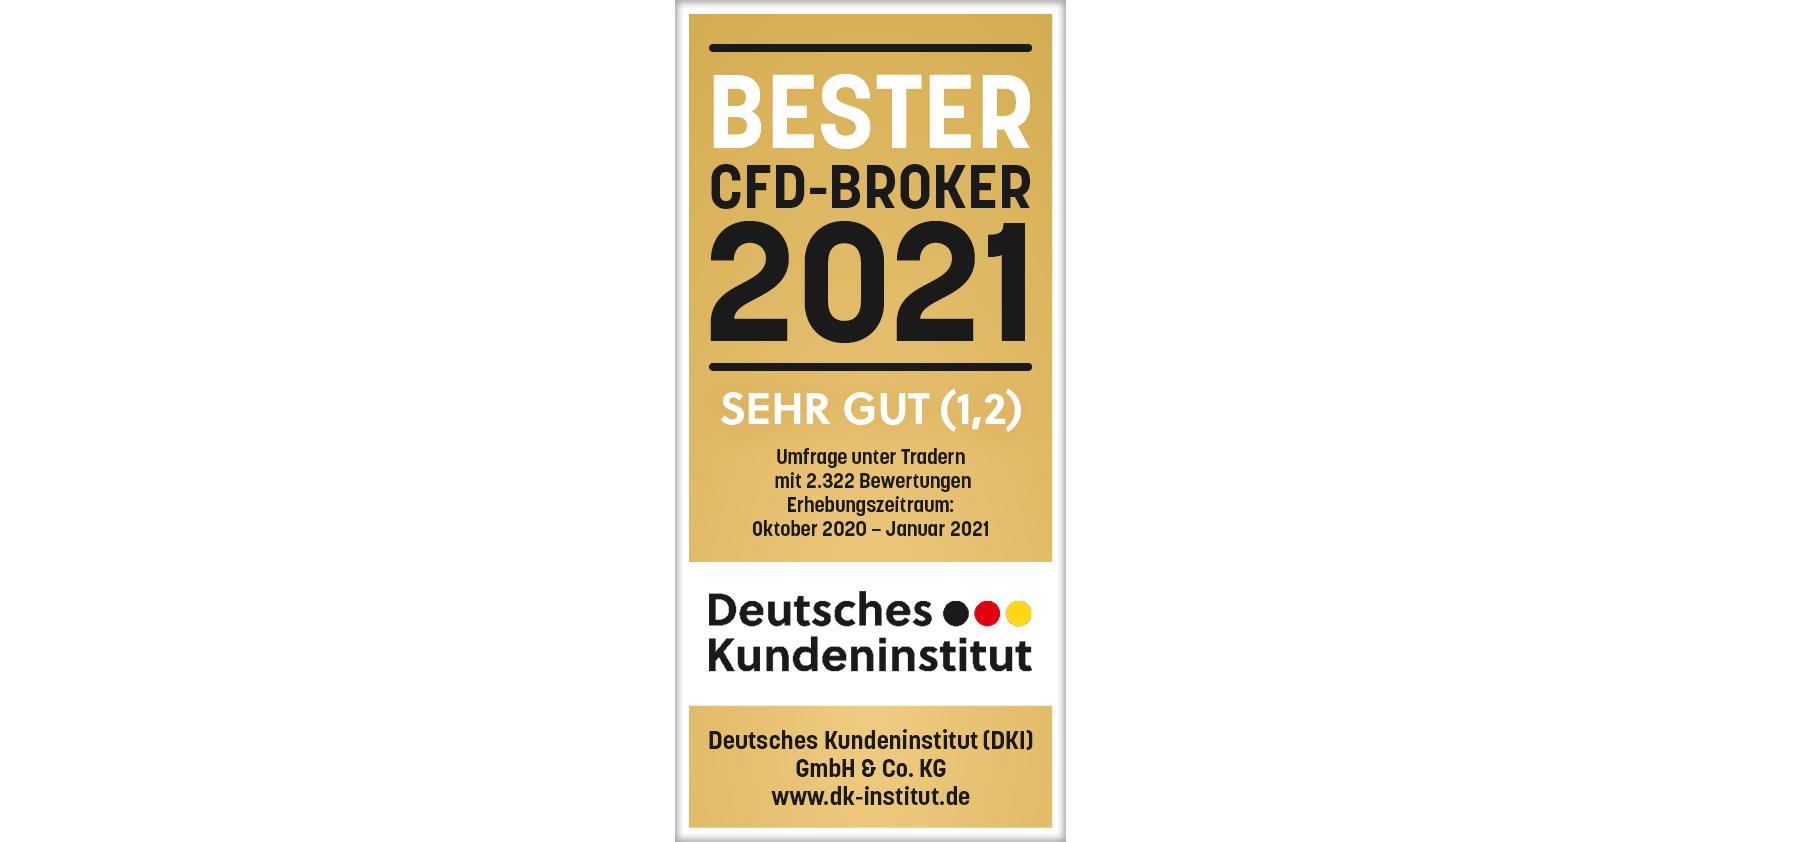 Zum wiederholten Male auf dem Siegertreppchen: Admiral Markets ist laut DKI der beste CFD-Broker 2021.